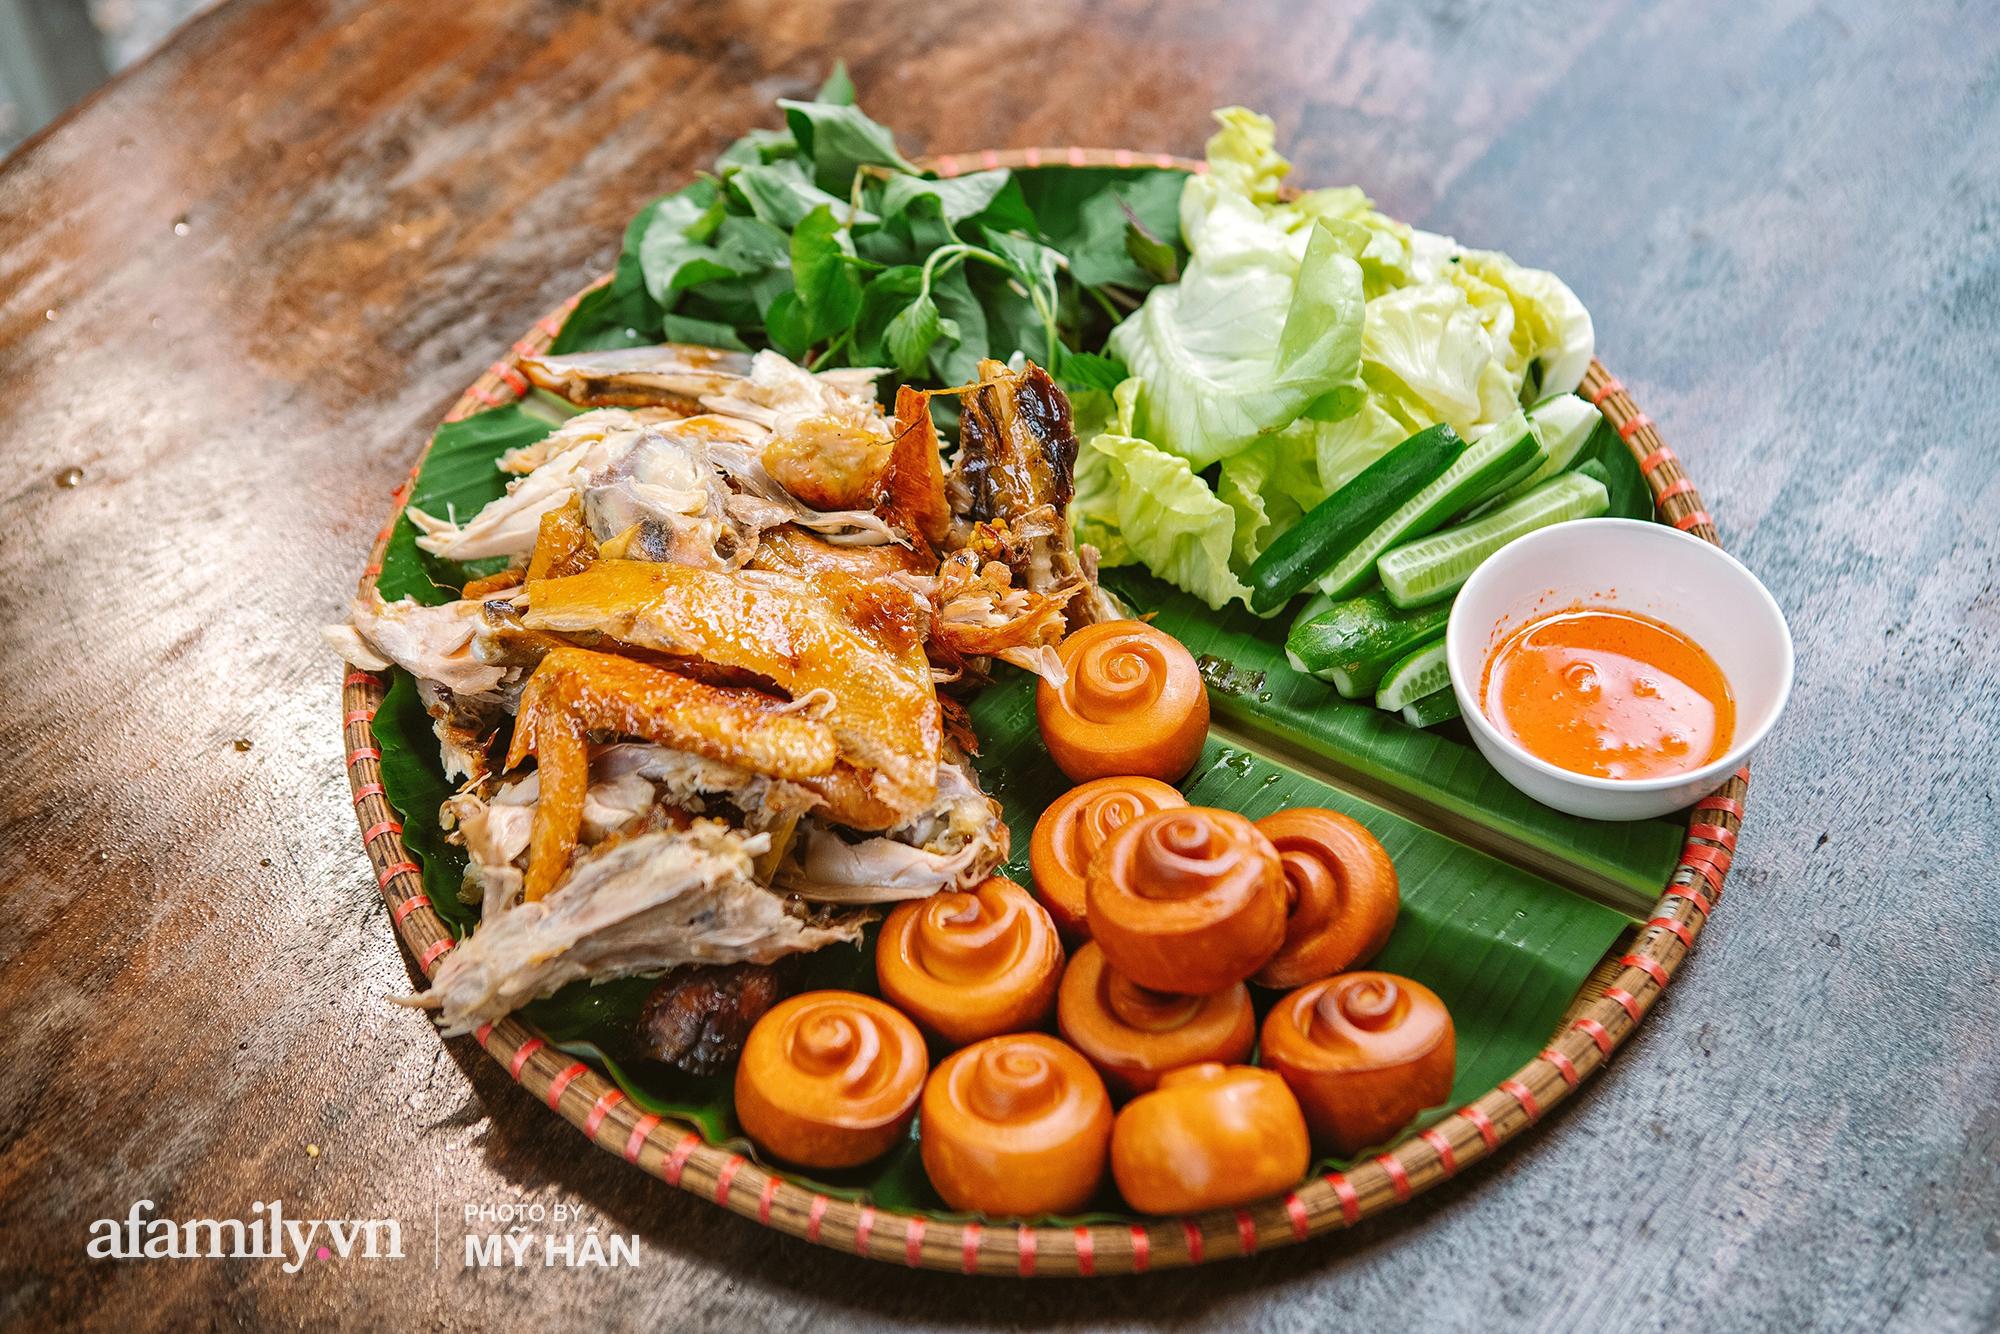 Chui vô vườn ăn GÀ QUAY bằng CHIẾC LU HƠN 100 NĂM tại Cần Thơ, món đặc sản ở miền Tây nhưng hot lên tới tận Sài Gòn! - Ảnh 14.